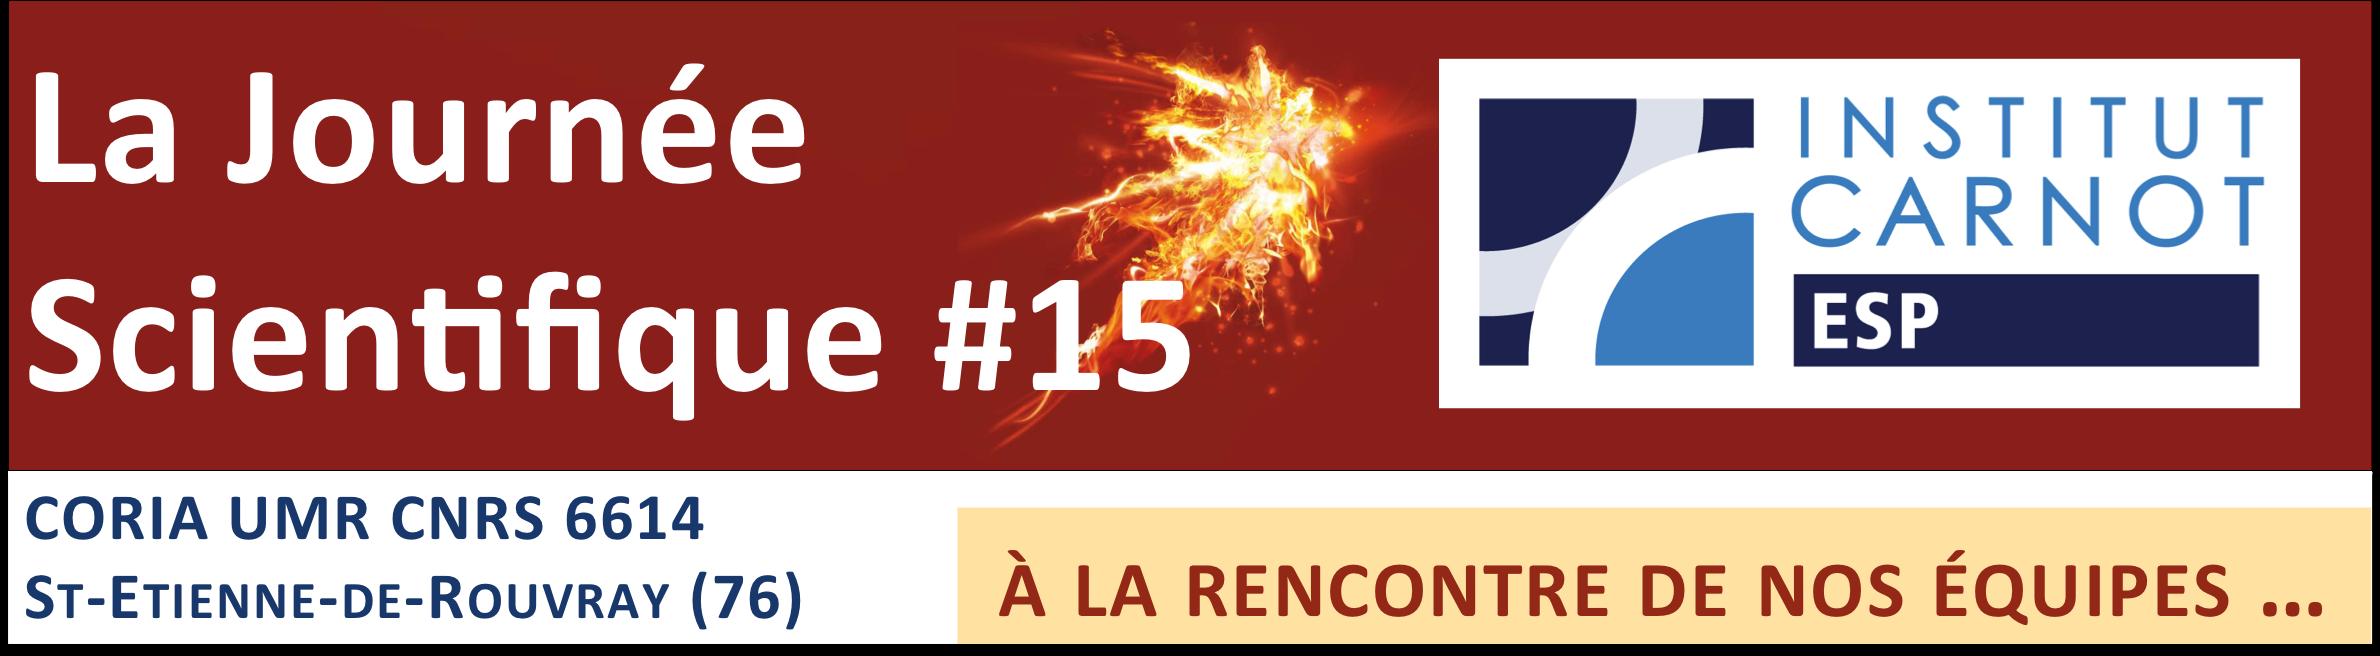 Journée Scientifique #15 – institut Carnot ESP